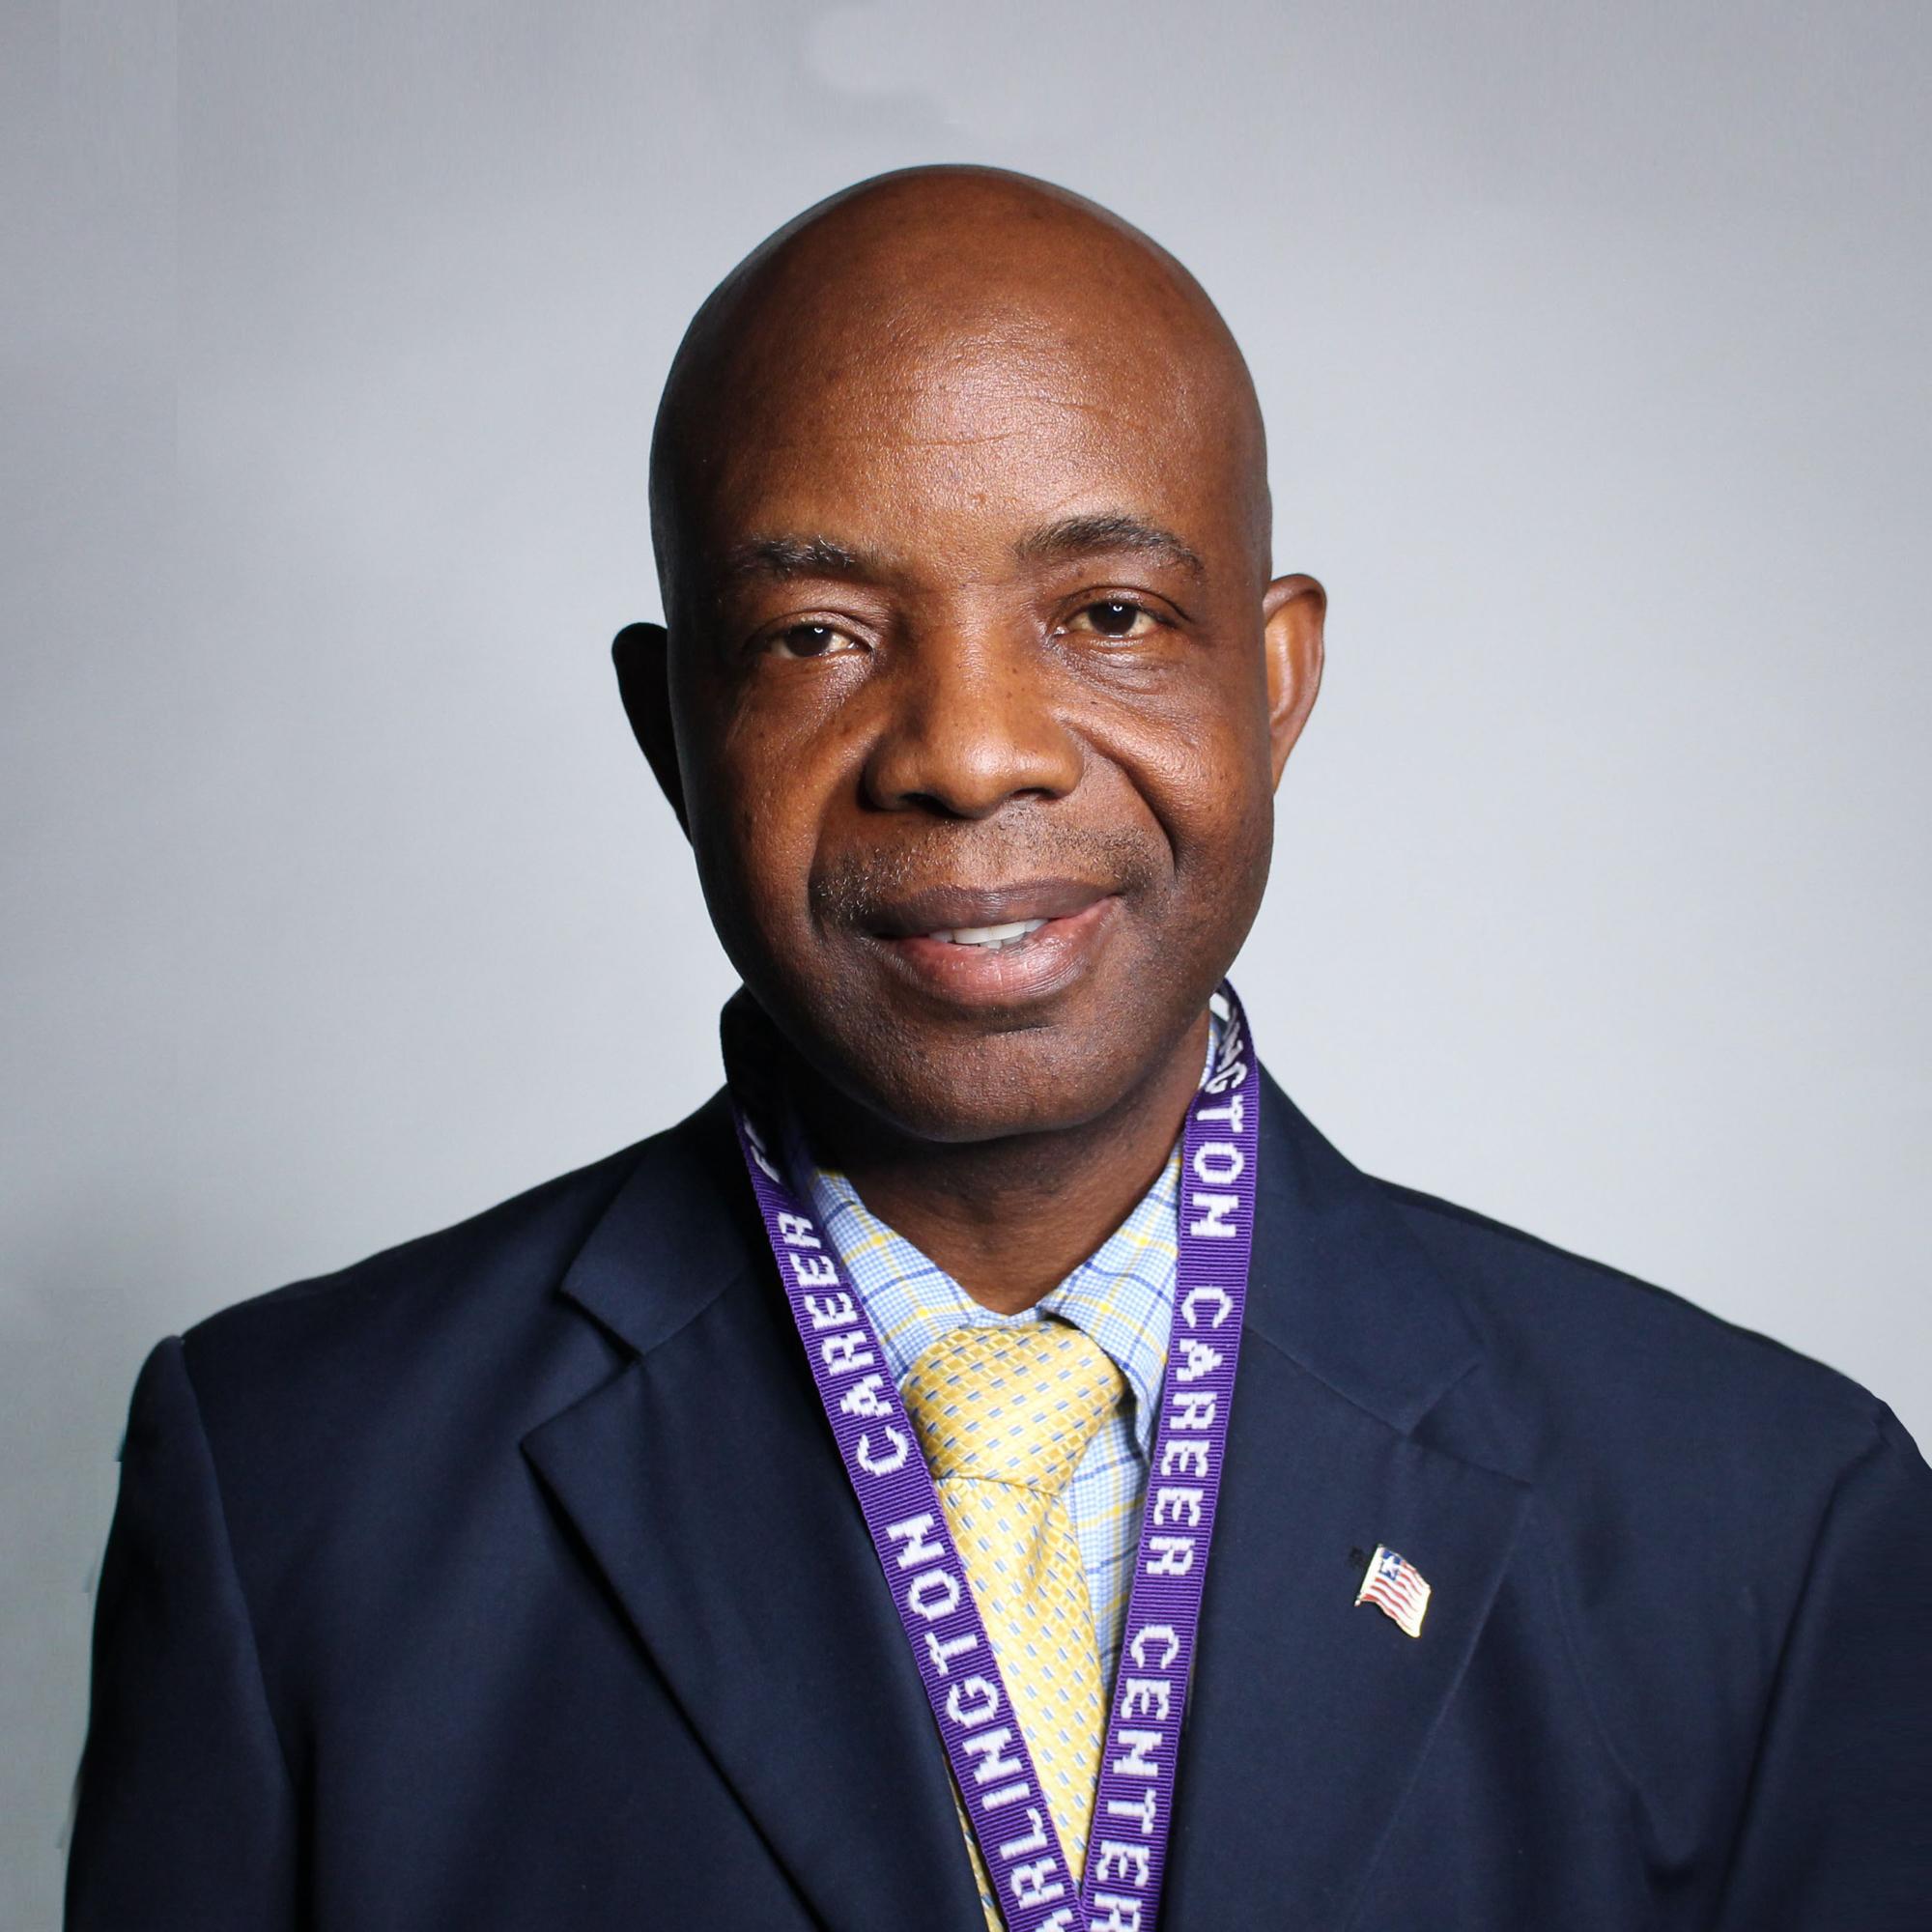 Mr. Isaac Zawolo